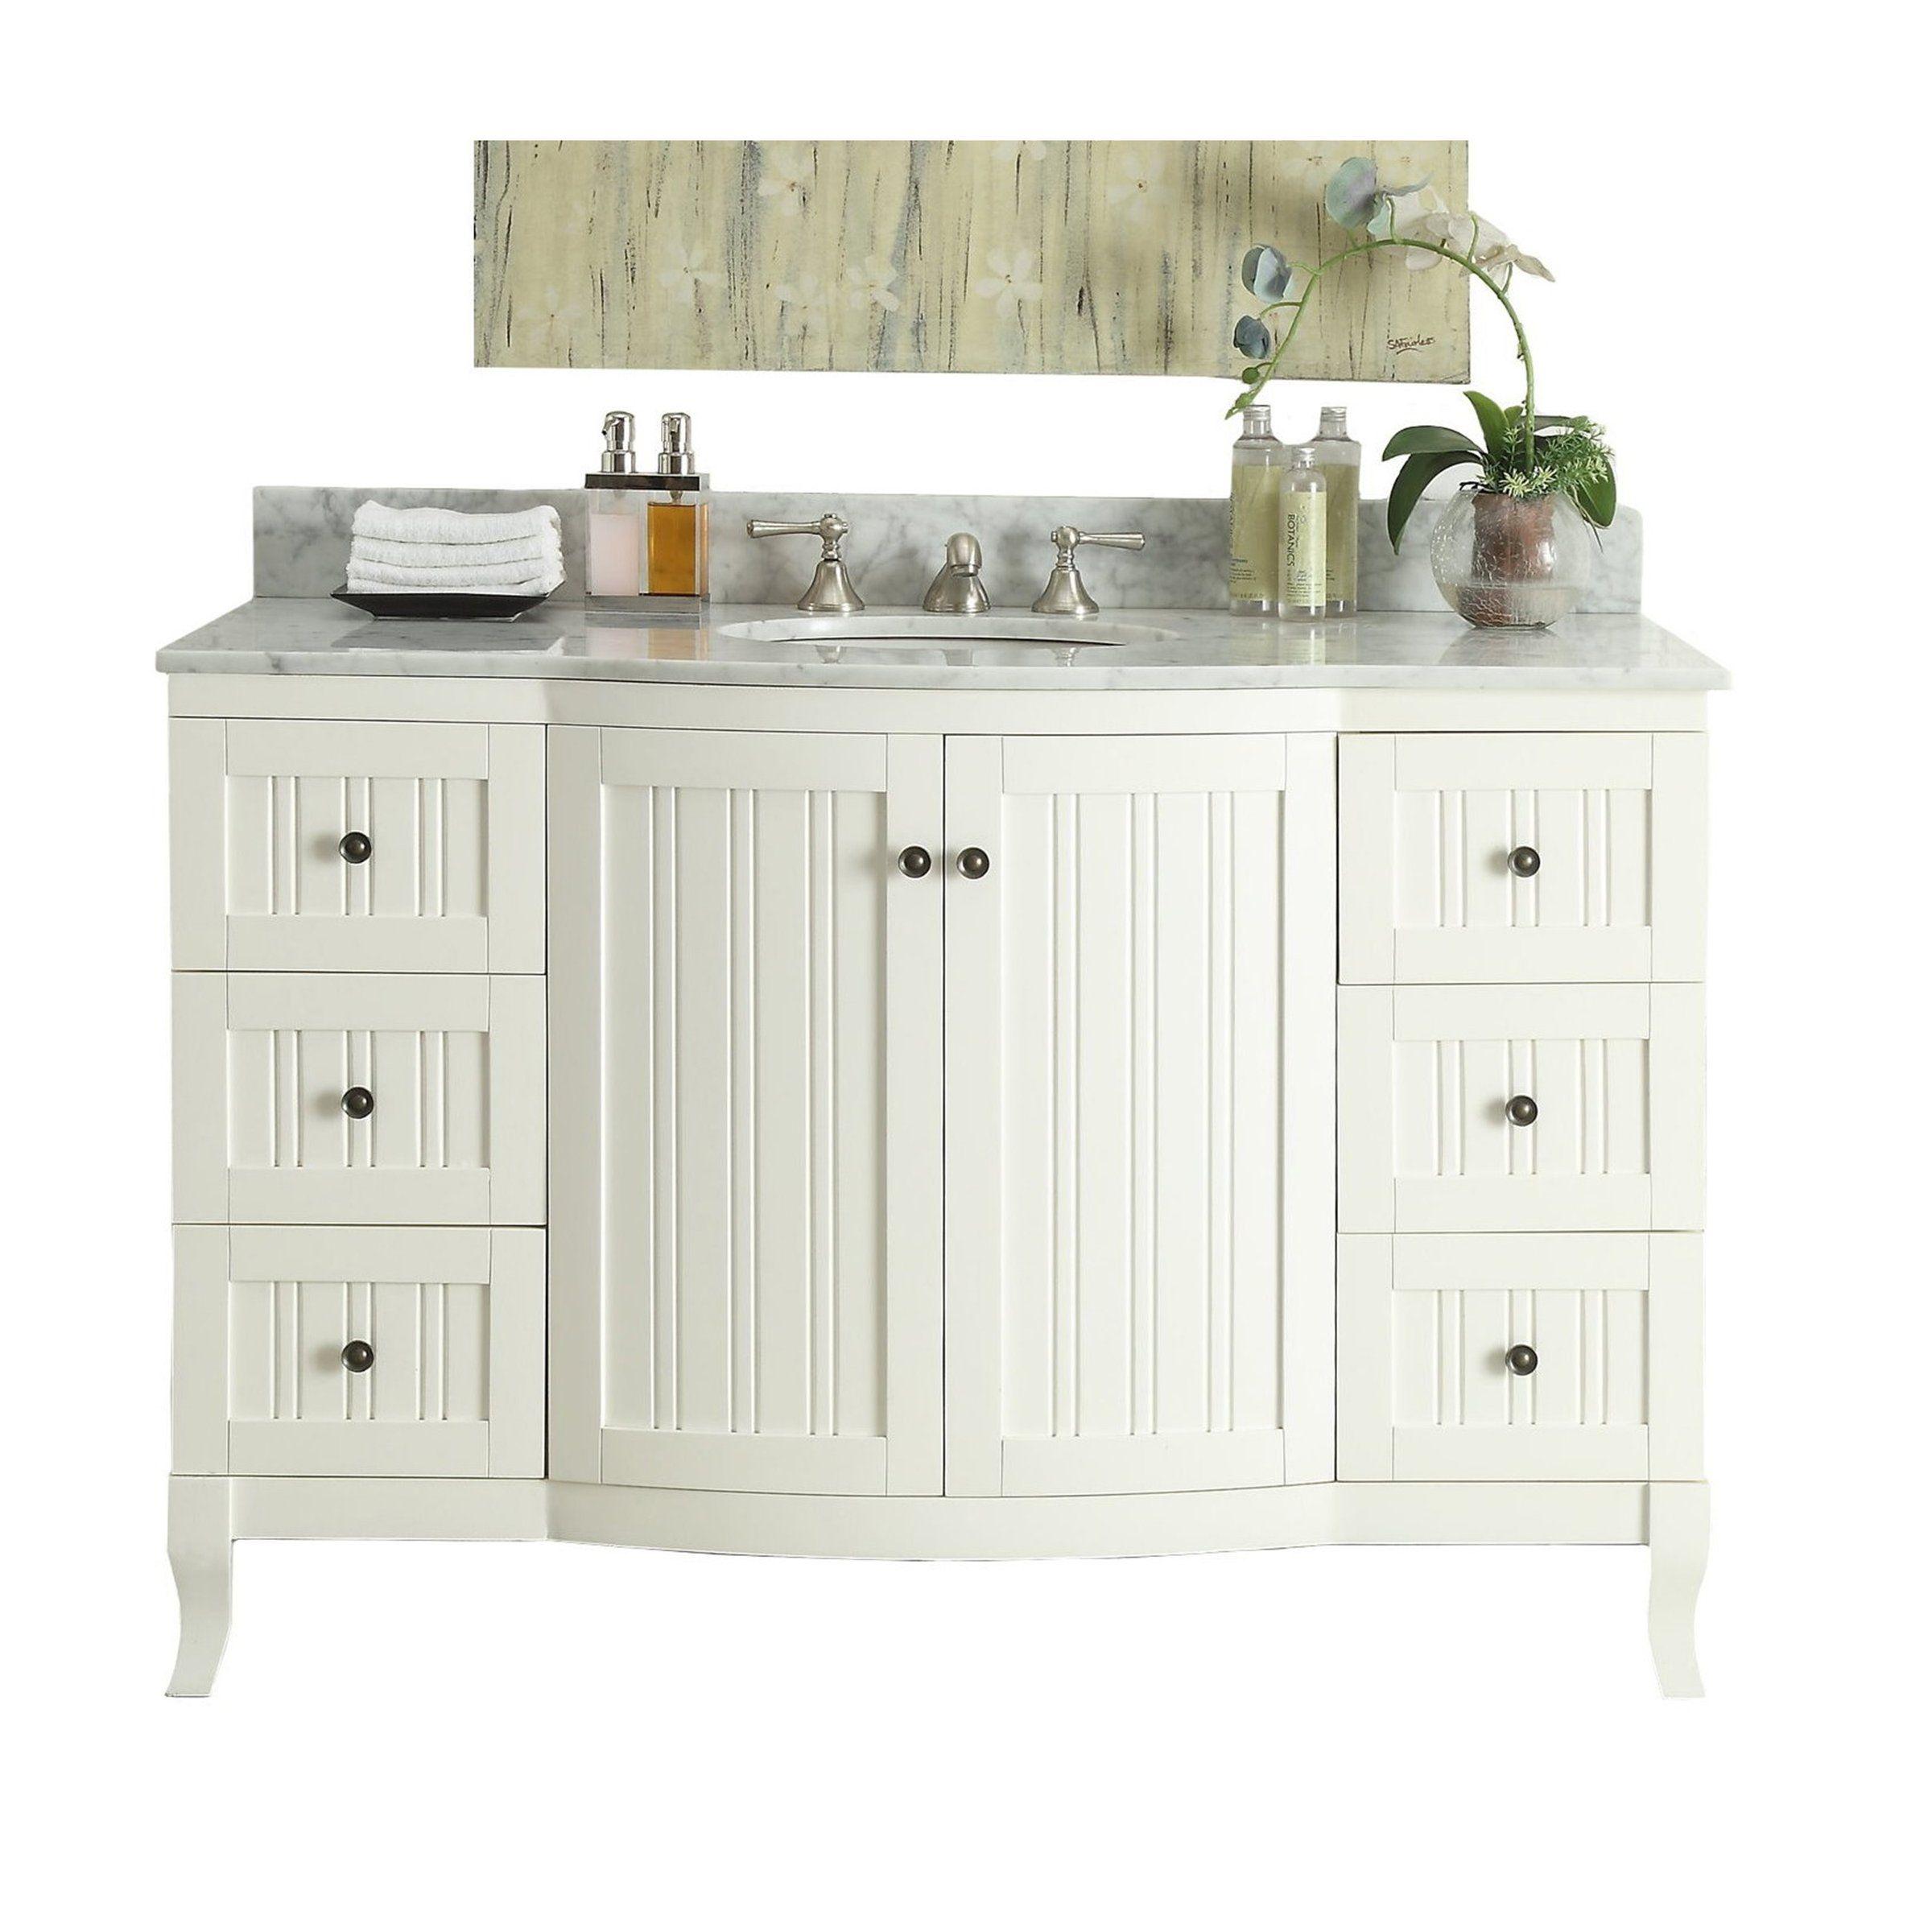 49 Italian Carrra Marble Top White Algar Bathroom Sink Vanity